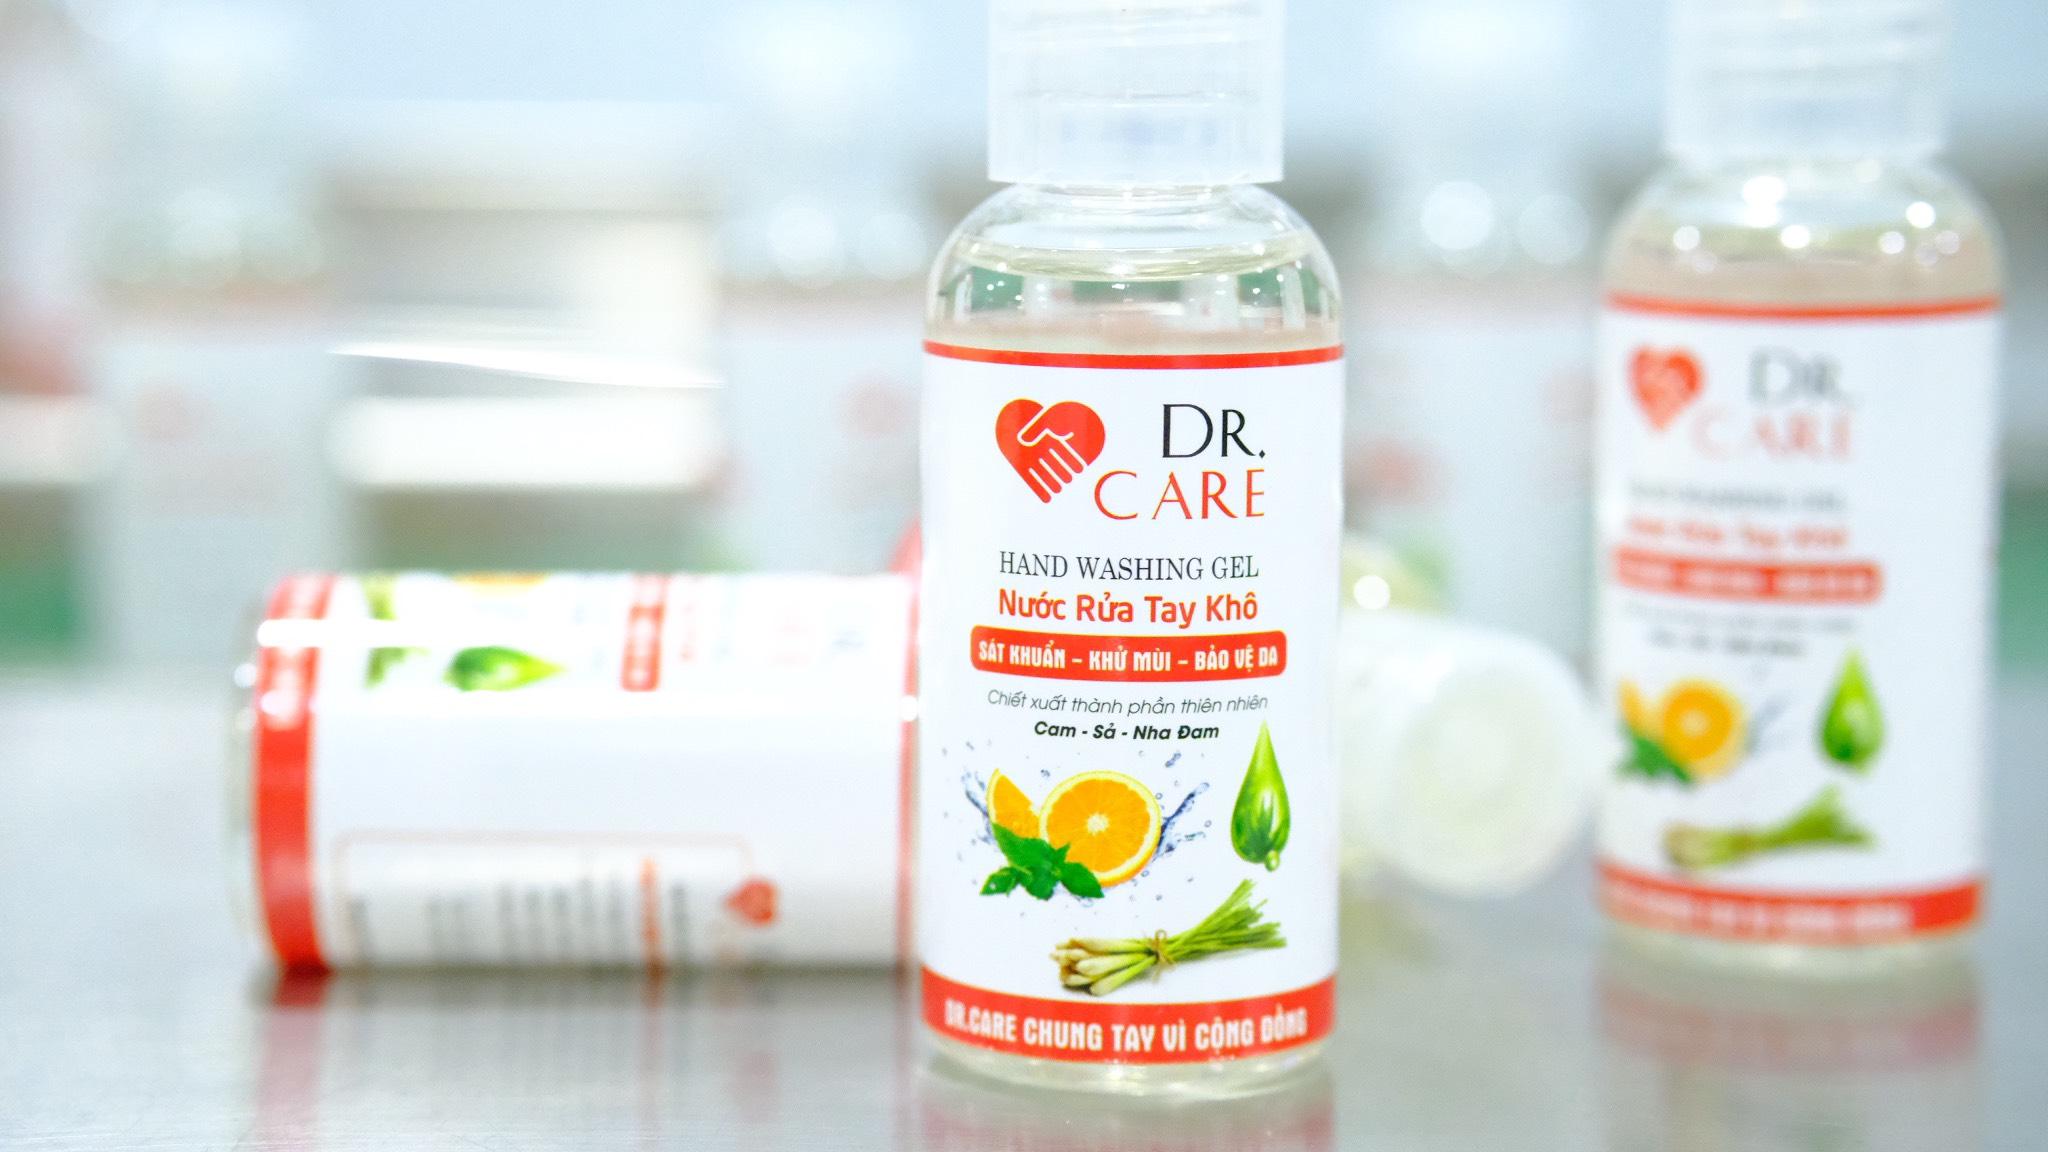 Nước rửa tay khô Dr.Care 50ml